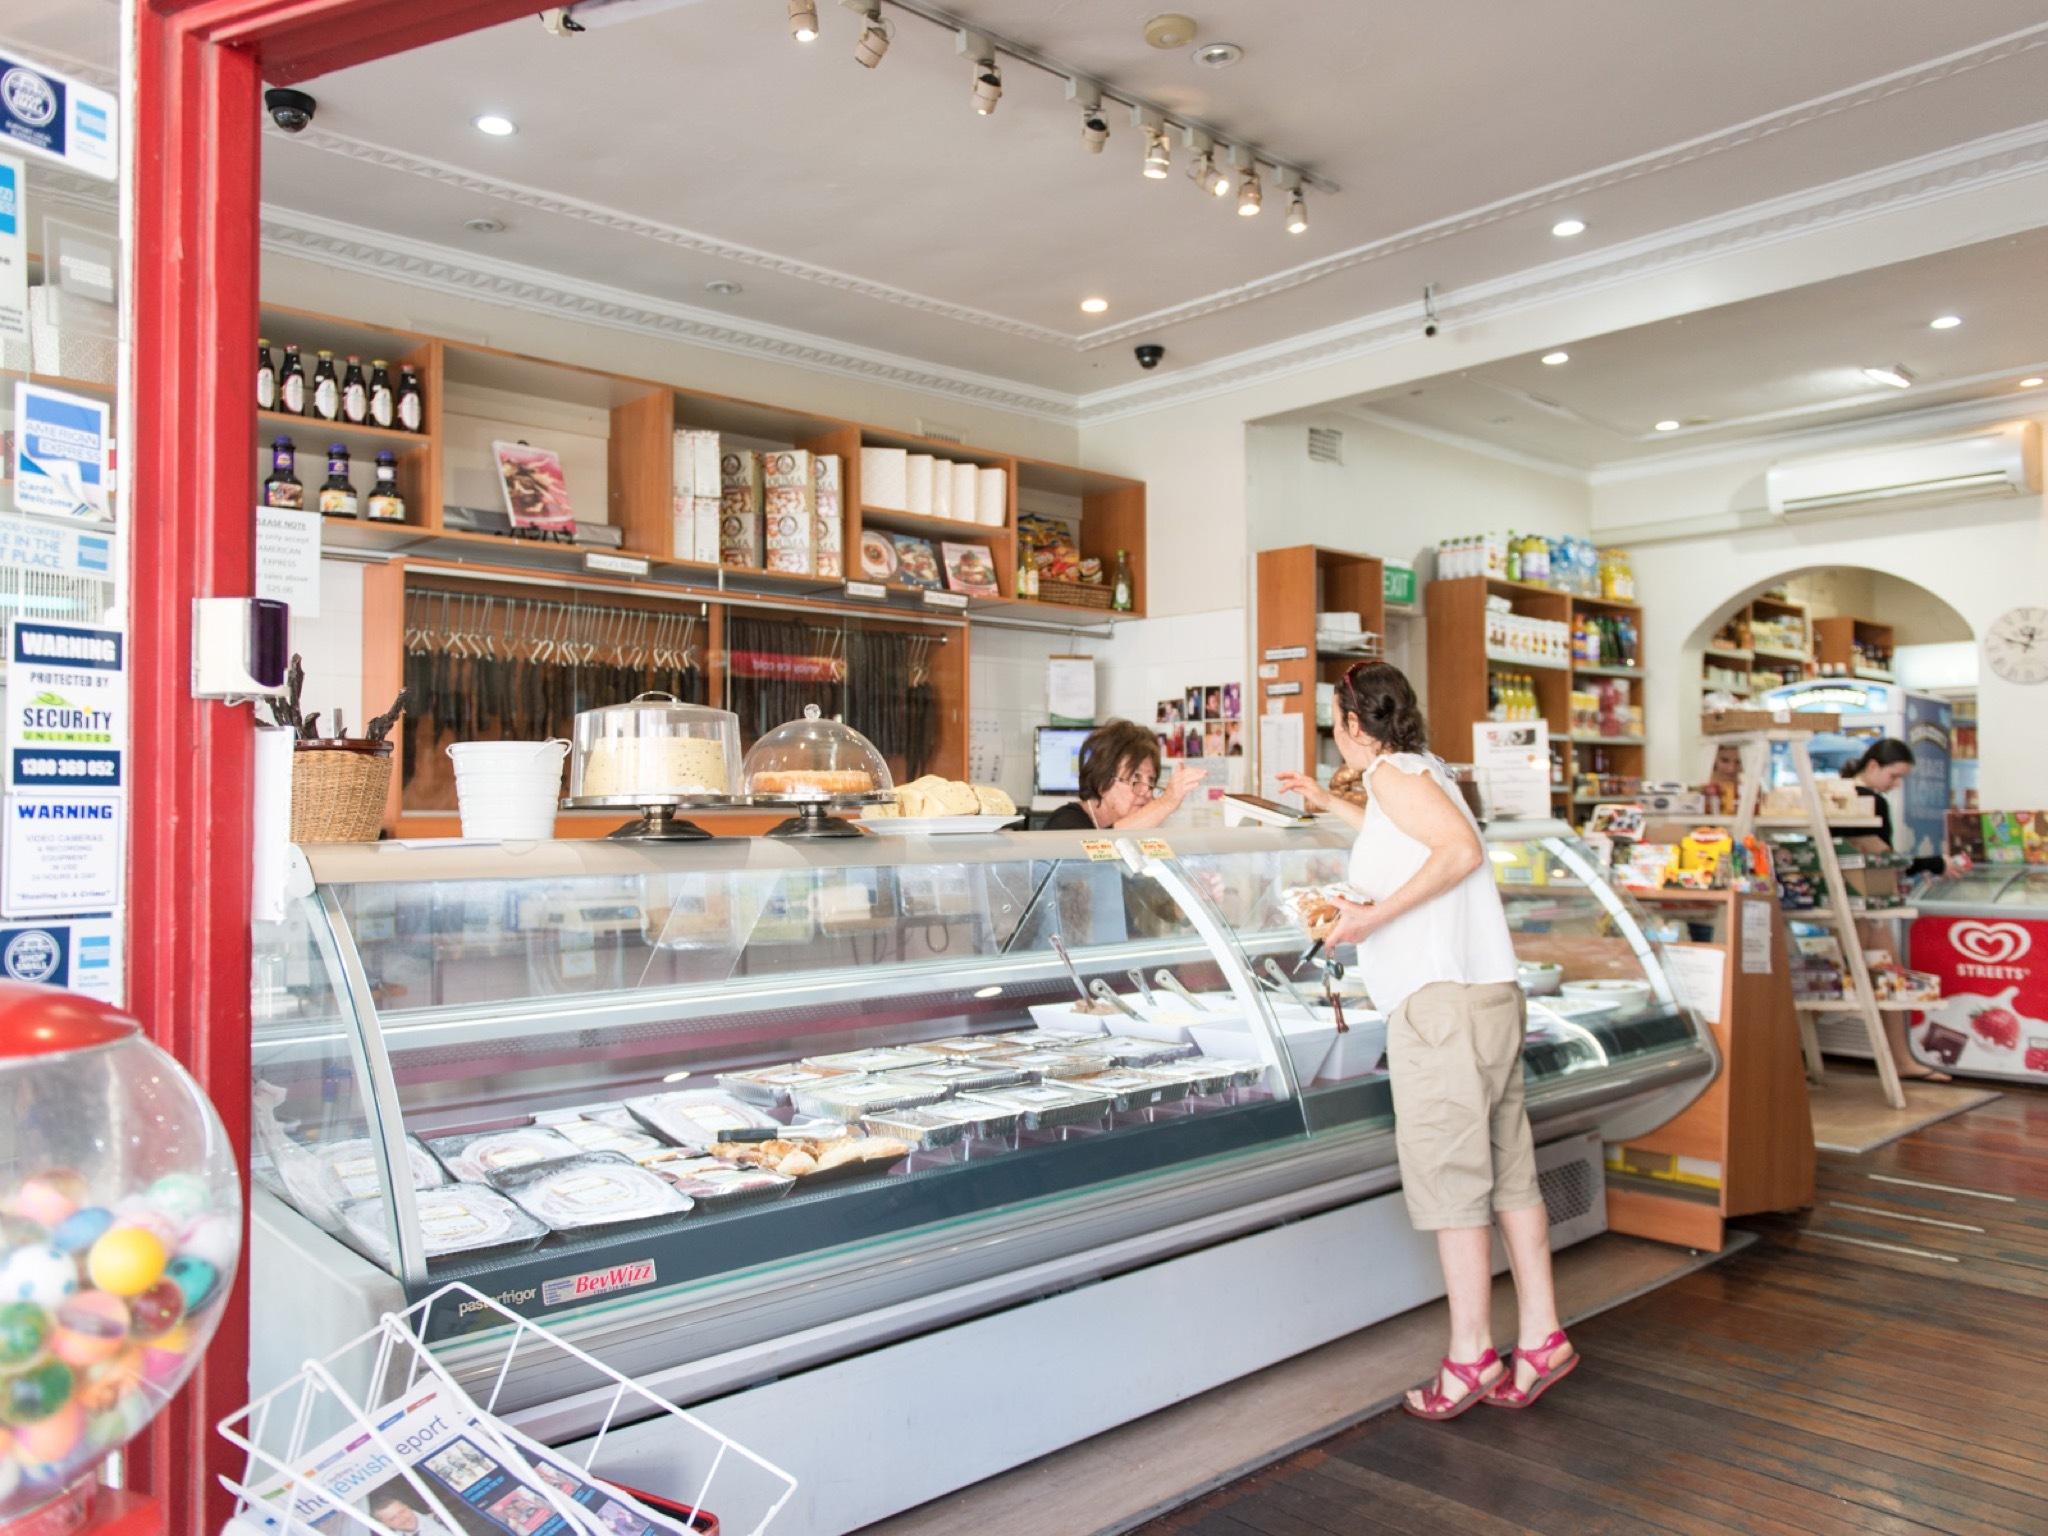 Deli counter at Biancas Deli